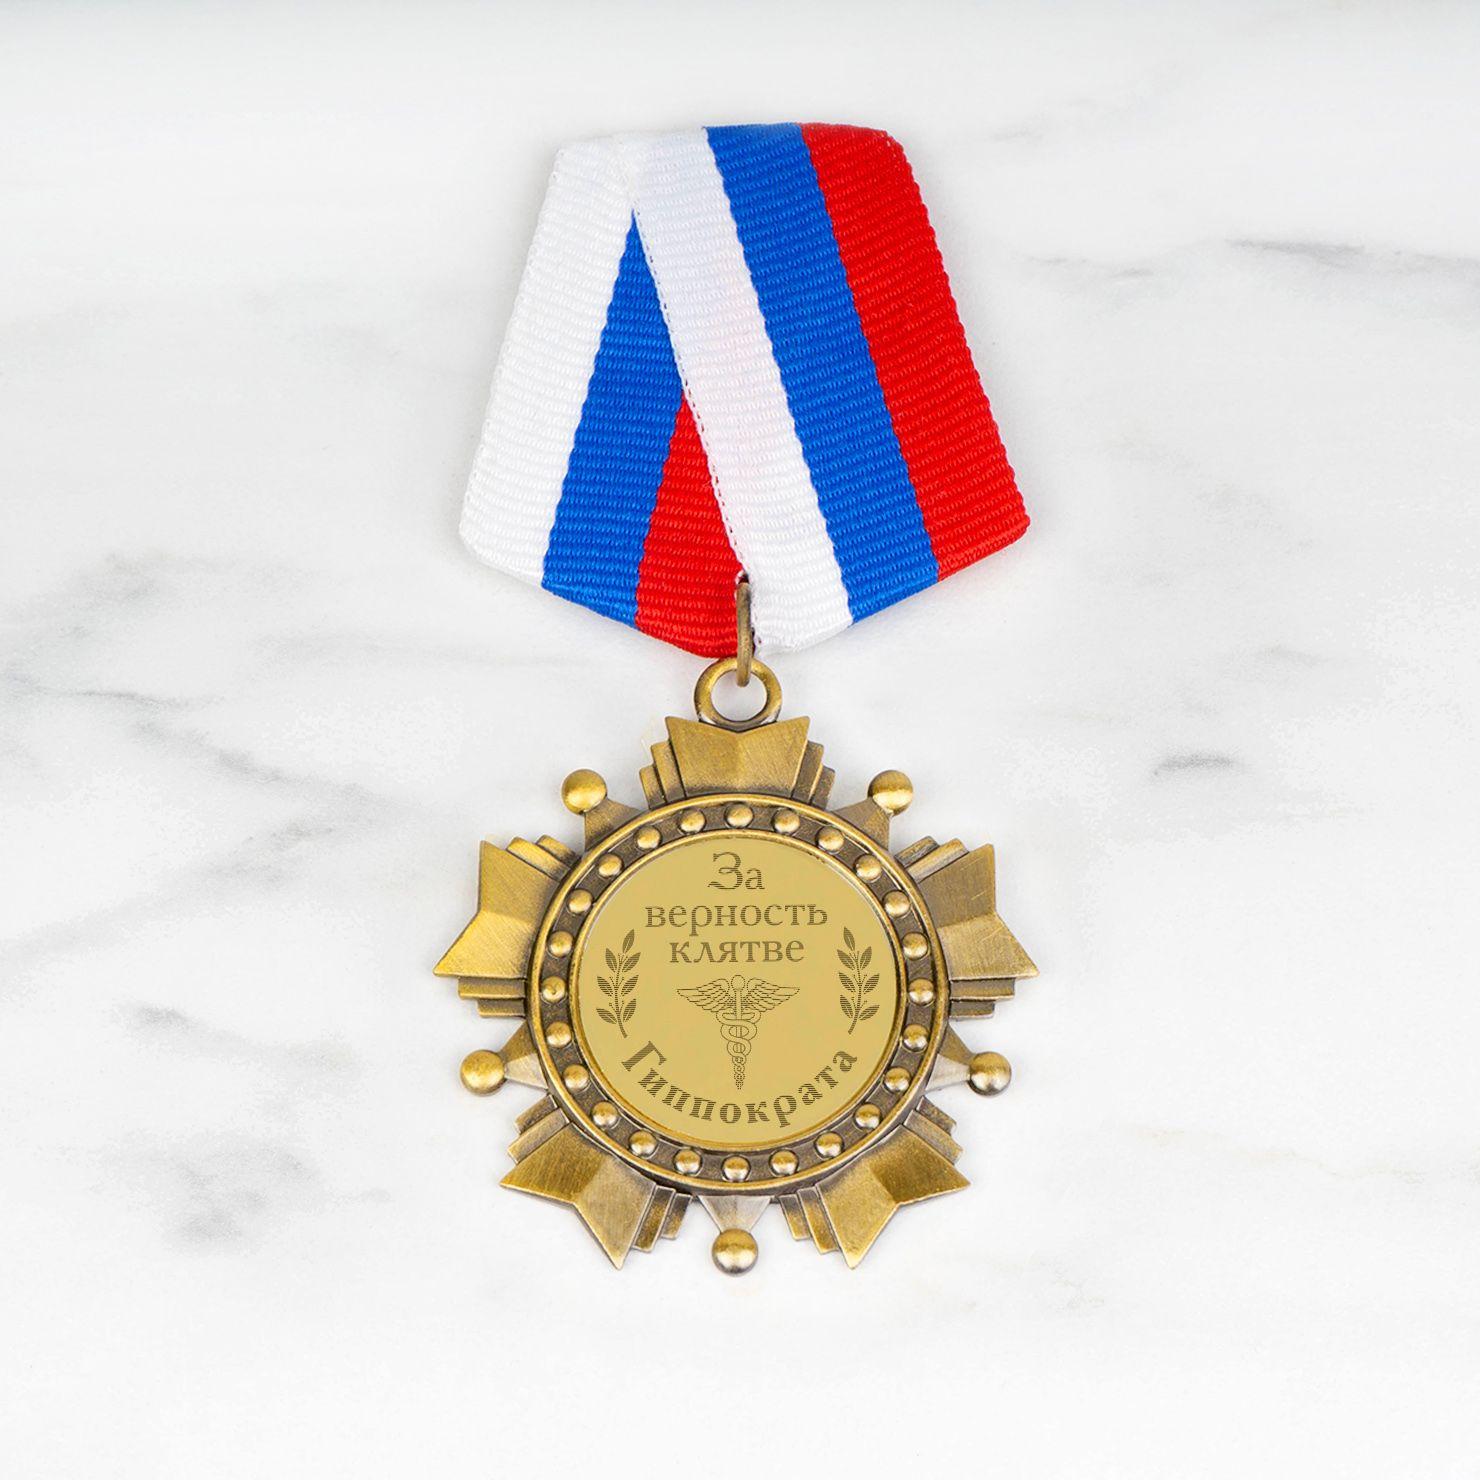 Орден «За верность клятве Гиппократа»